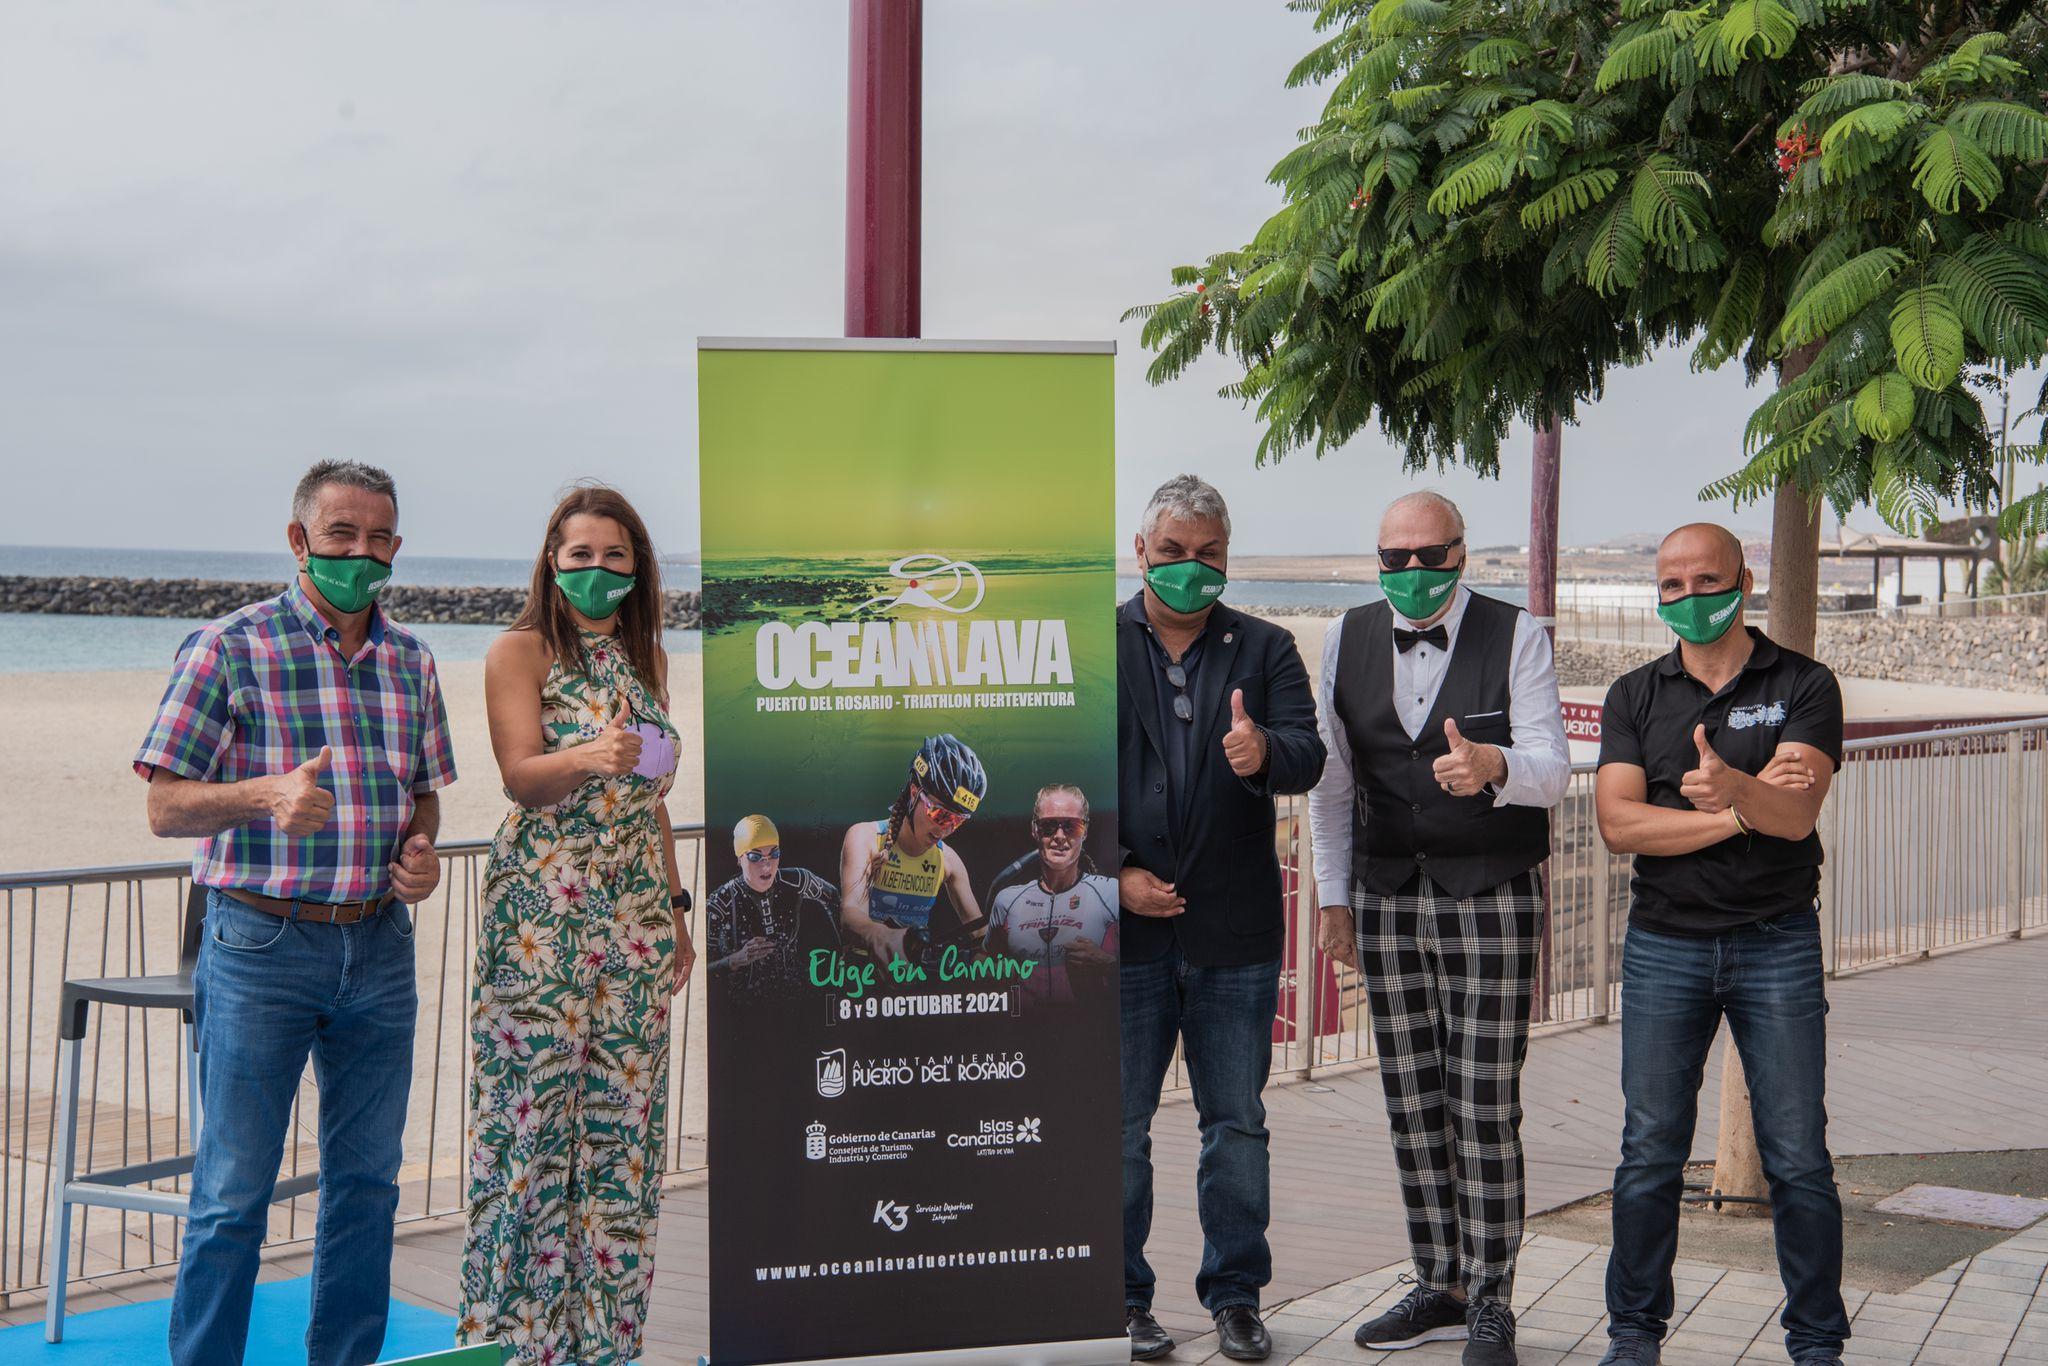 Ocean Lava Puerto del Rosario – Triathlon Fuerteventura regresa al calendario deportivo